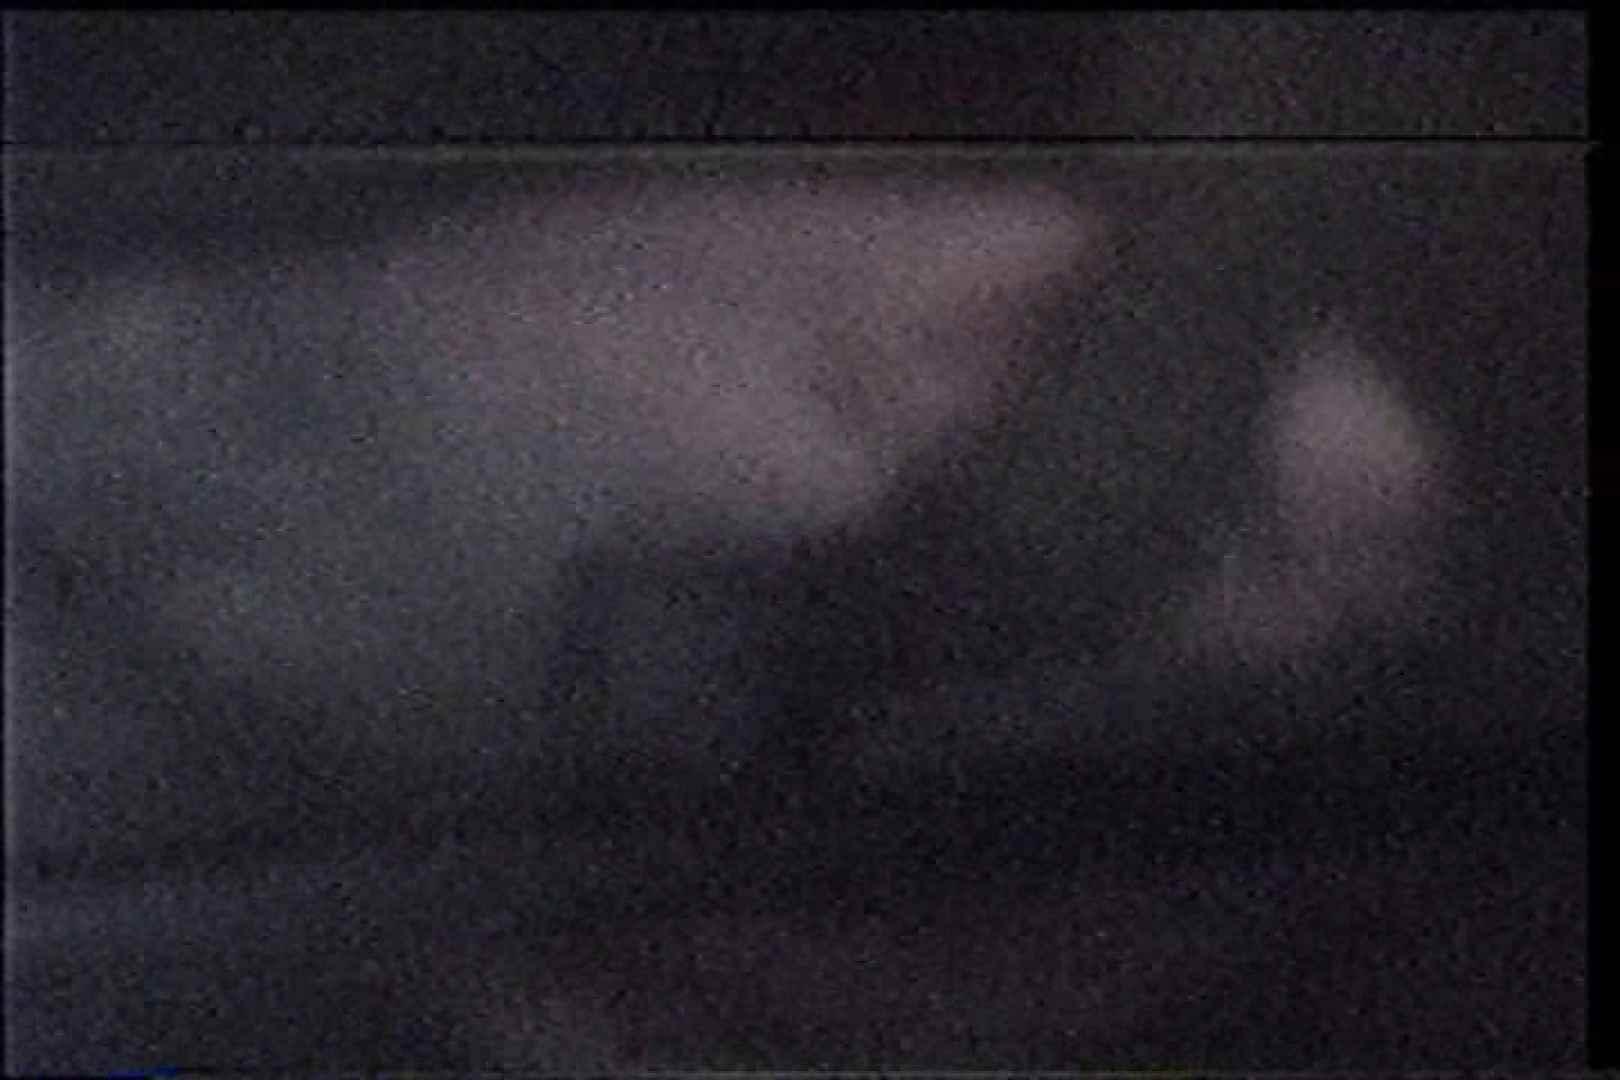 充血監督の深夜の運動会Vol.229 OLエロ画像 のぞきエロ無料画像 36PICs 12